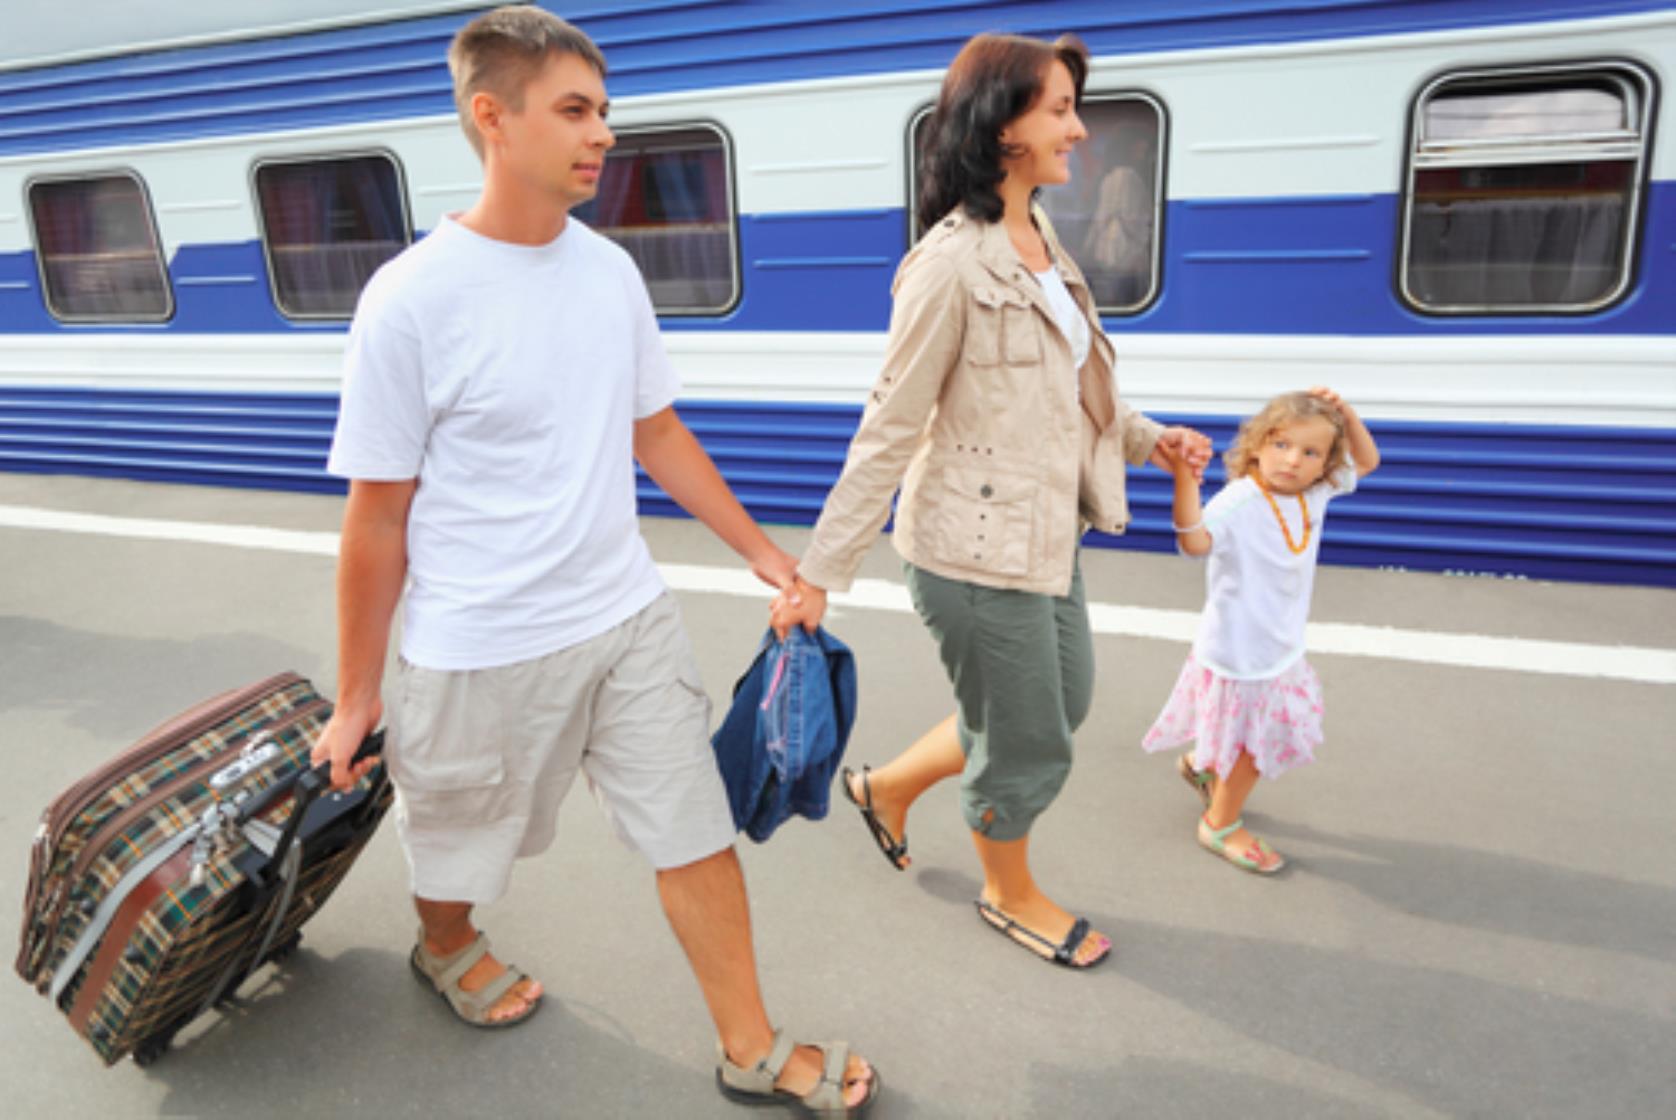 rodzina i podróże pociągiem